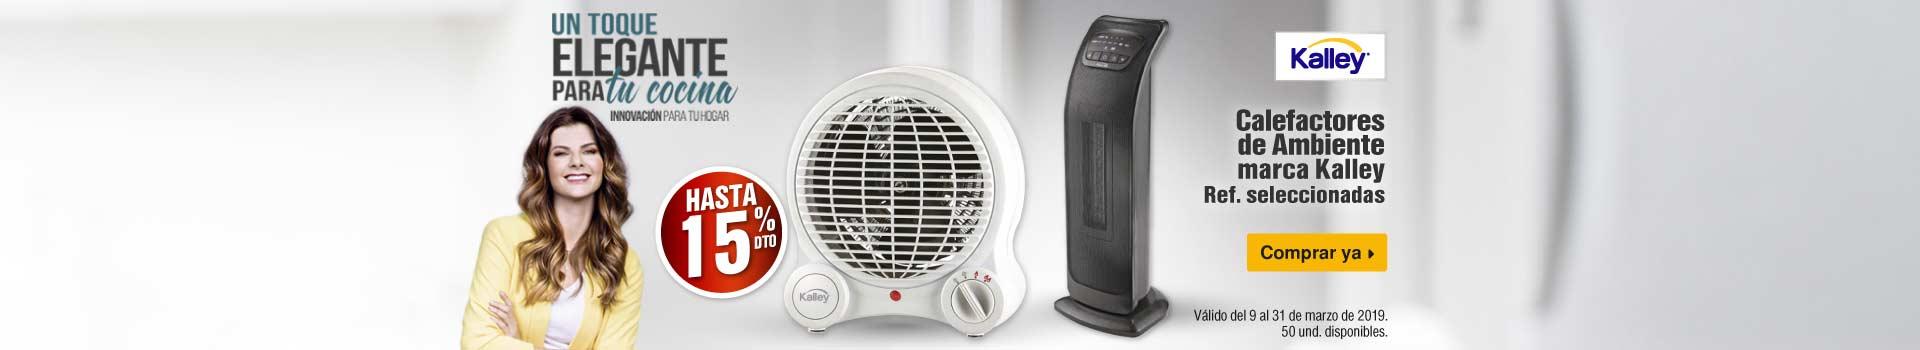 AK-KT-mayores-2-ELECT-BCAT-climatizacion-kalley-090319